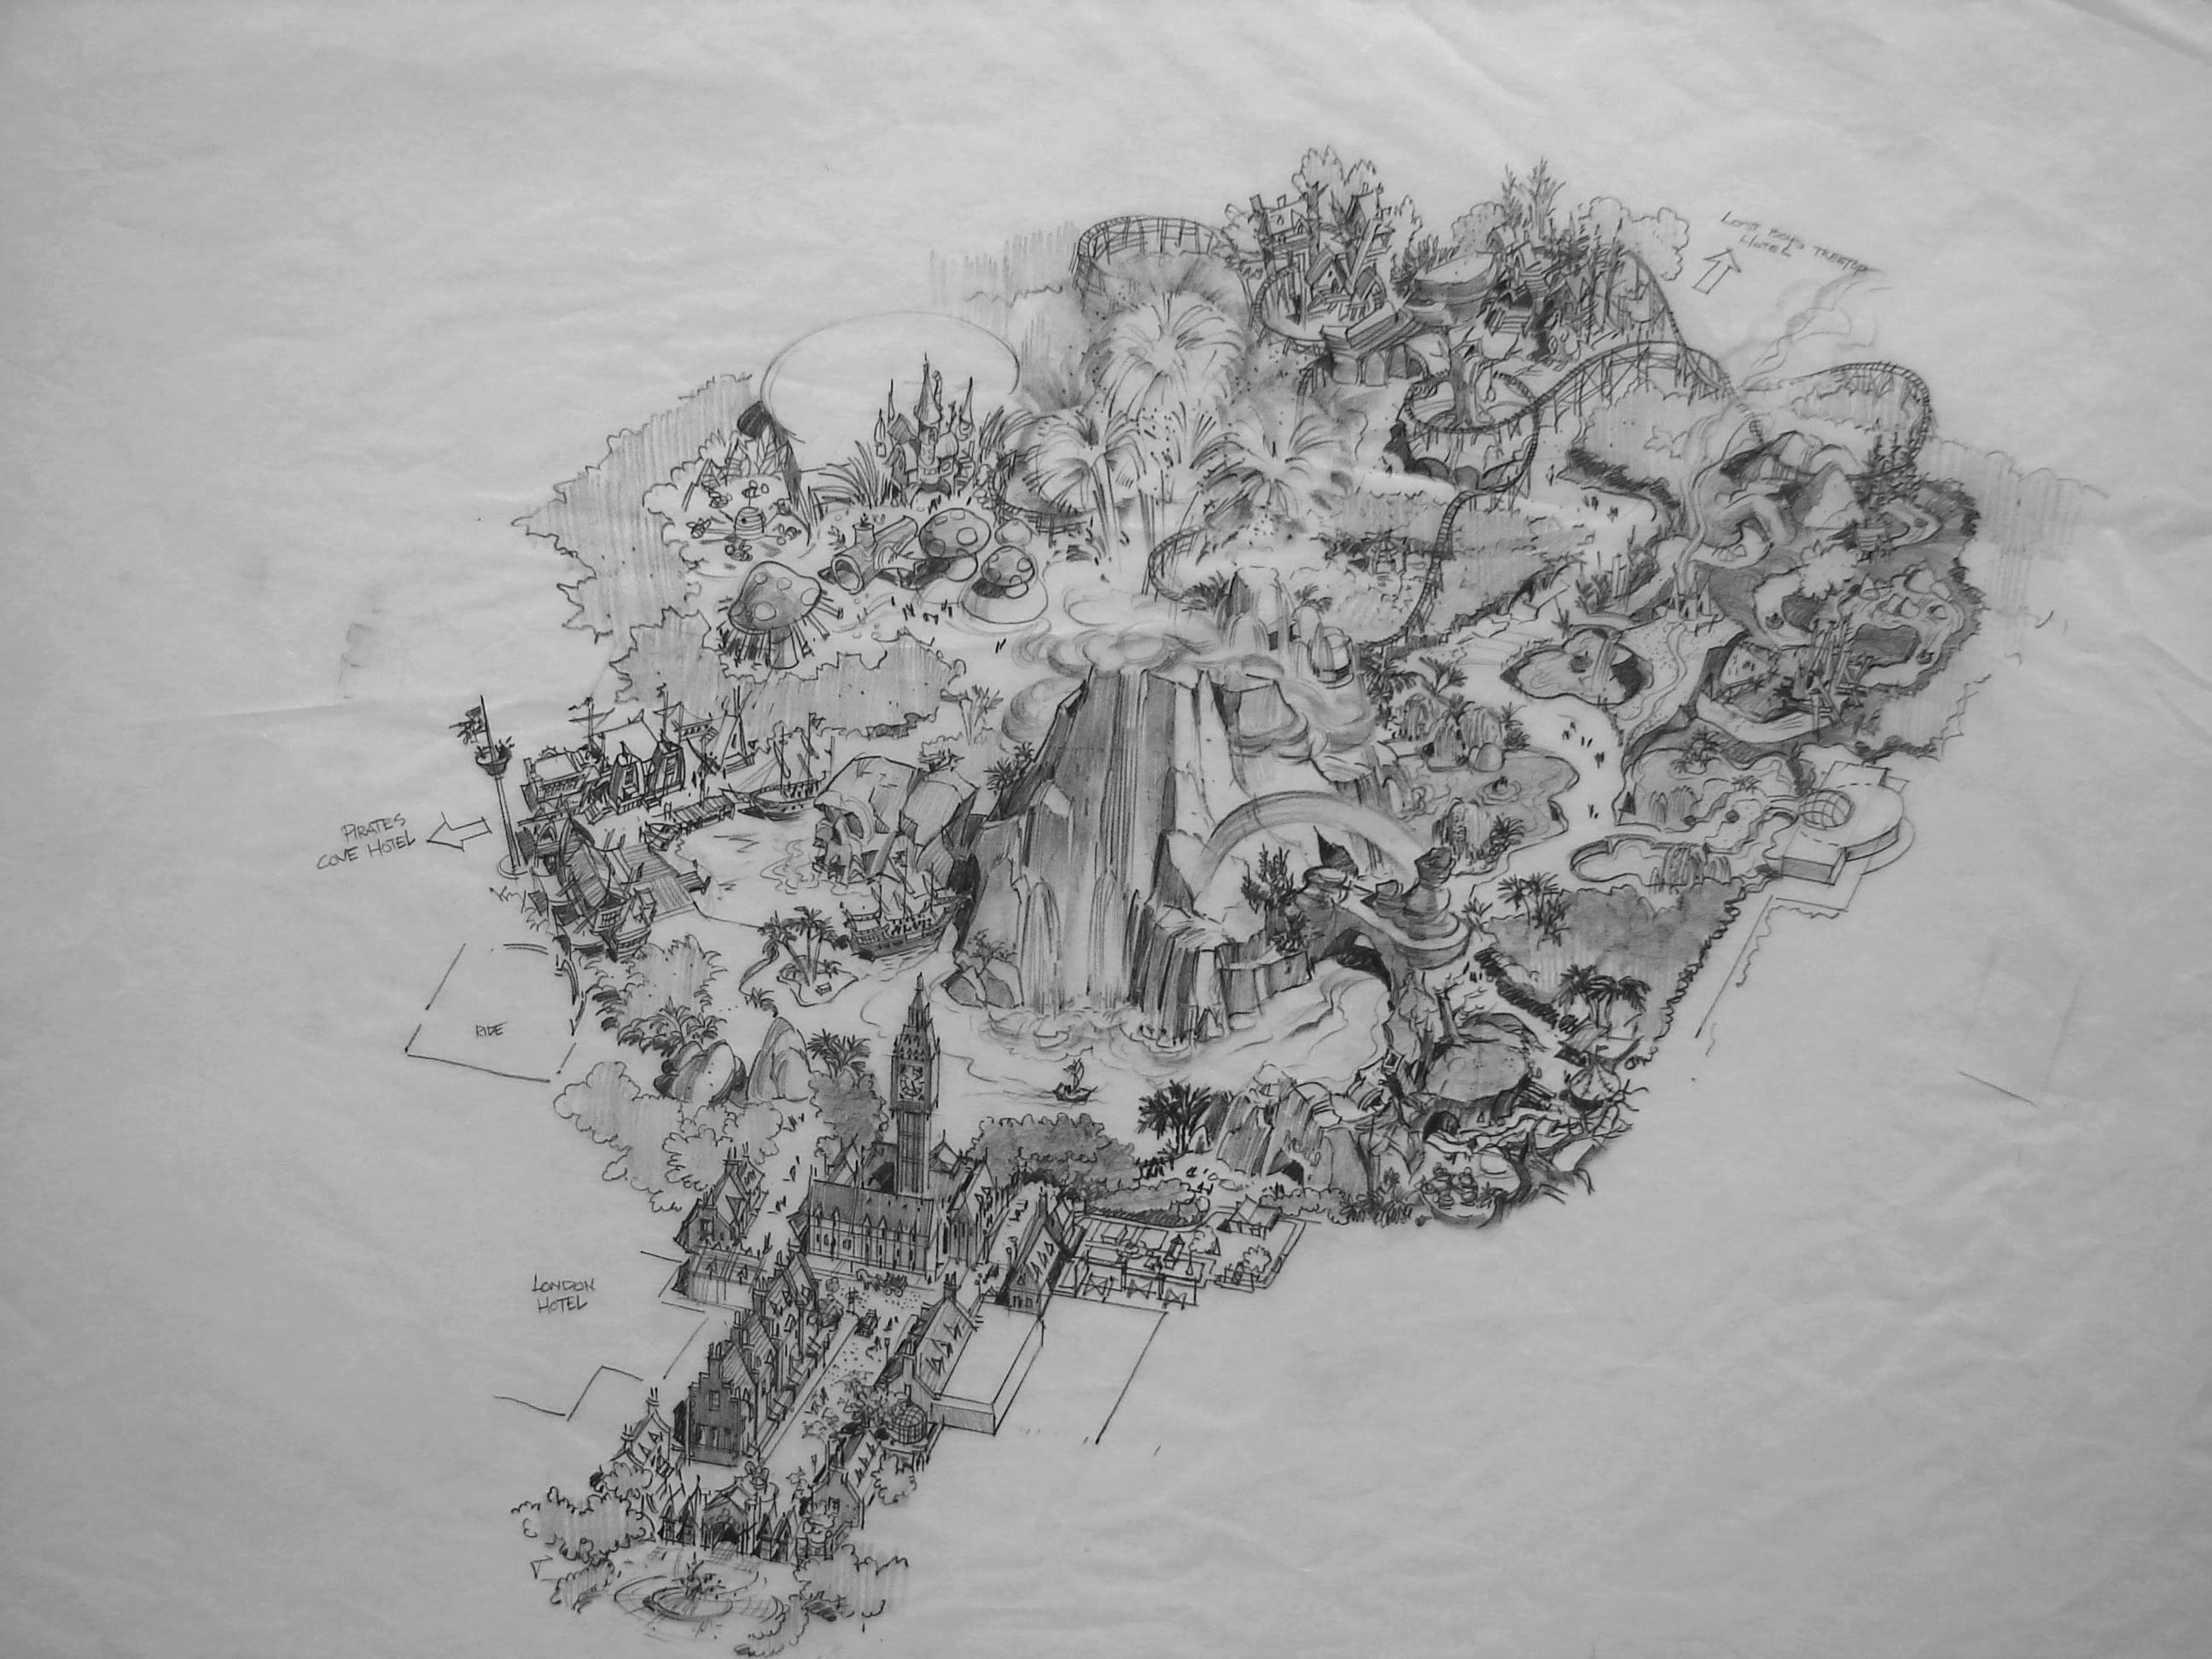 Neverland park concept sketch the unbuilt theme park commissioned by michael jackson